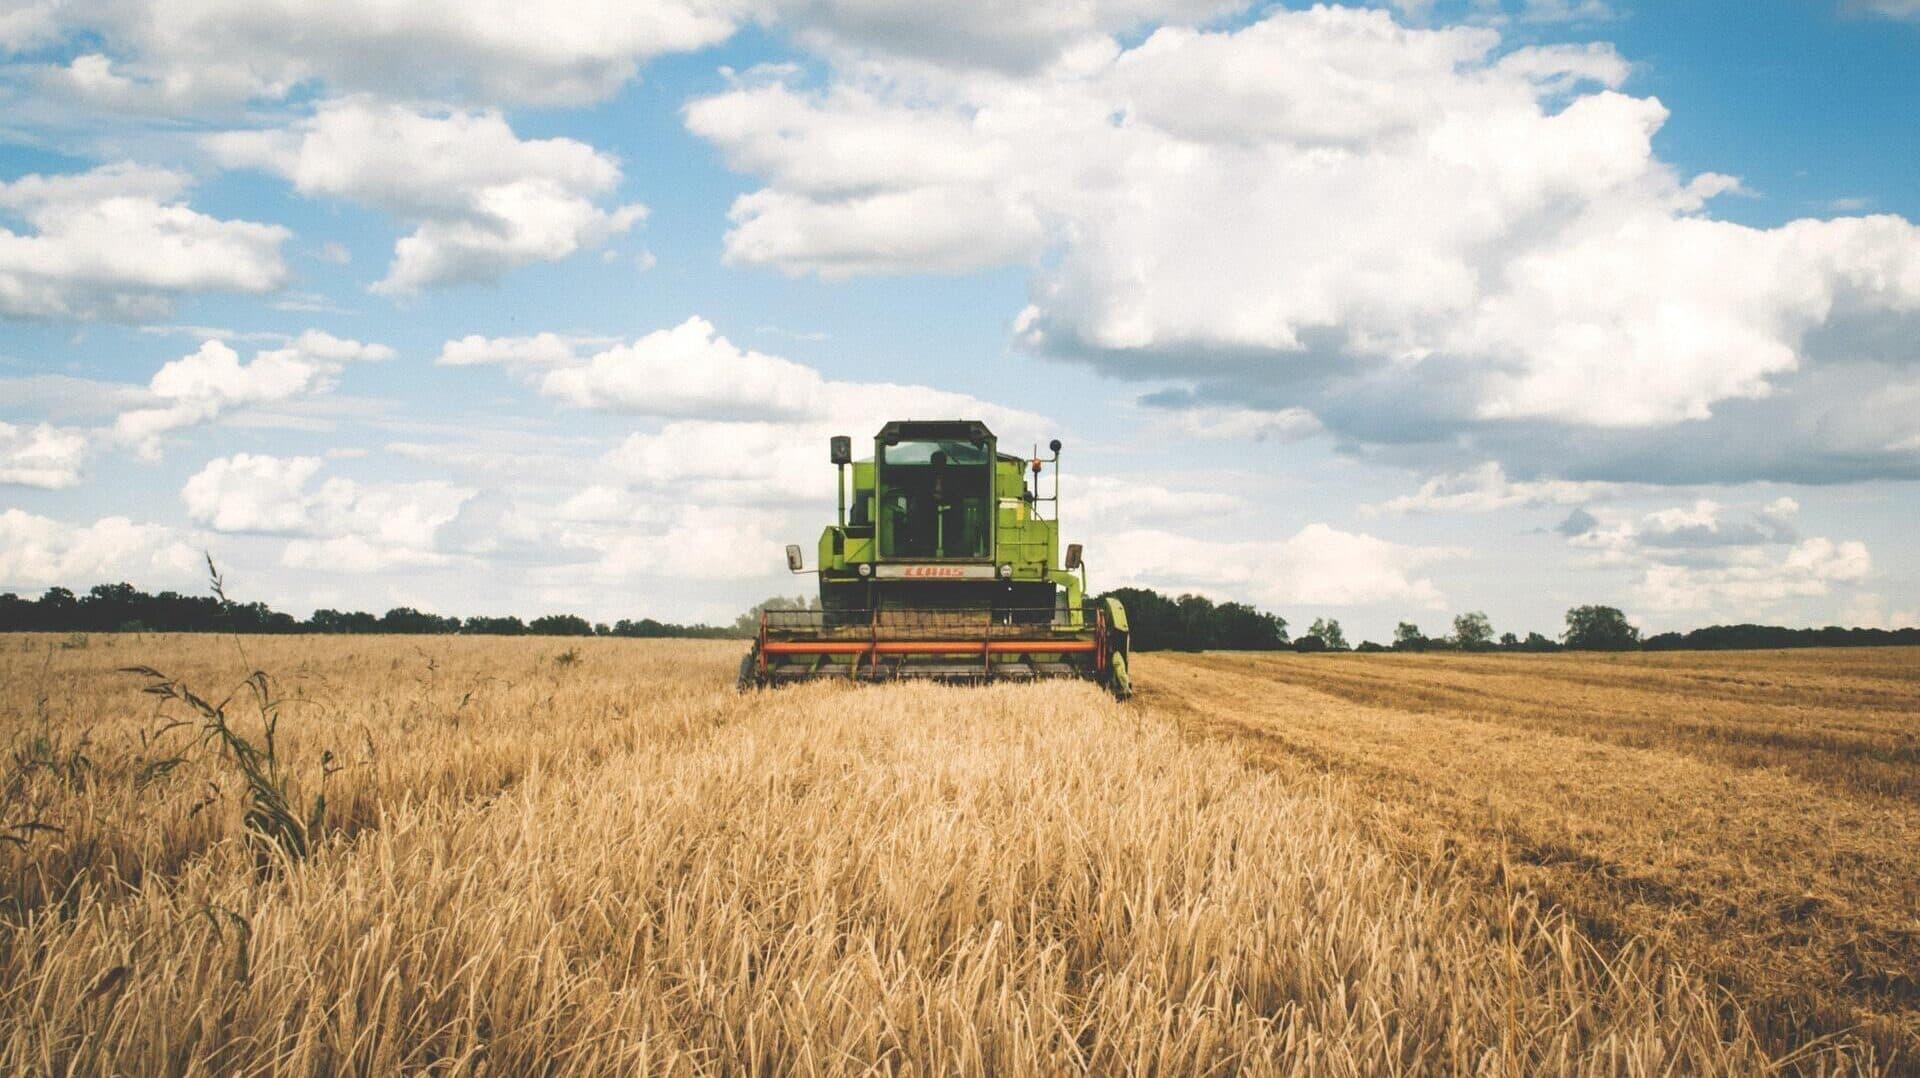 Landmaschine auf einem Getreidefeld